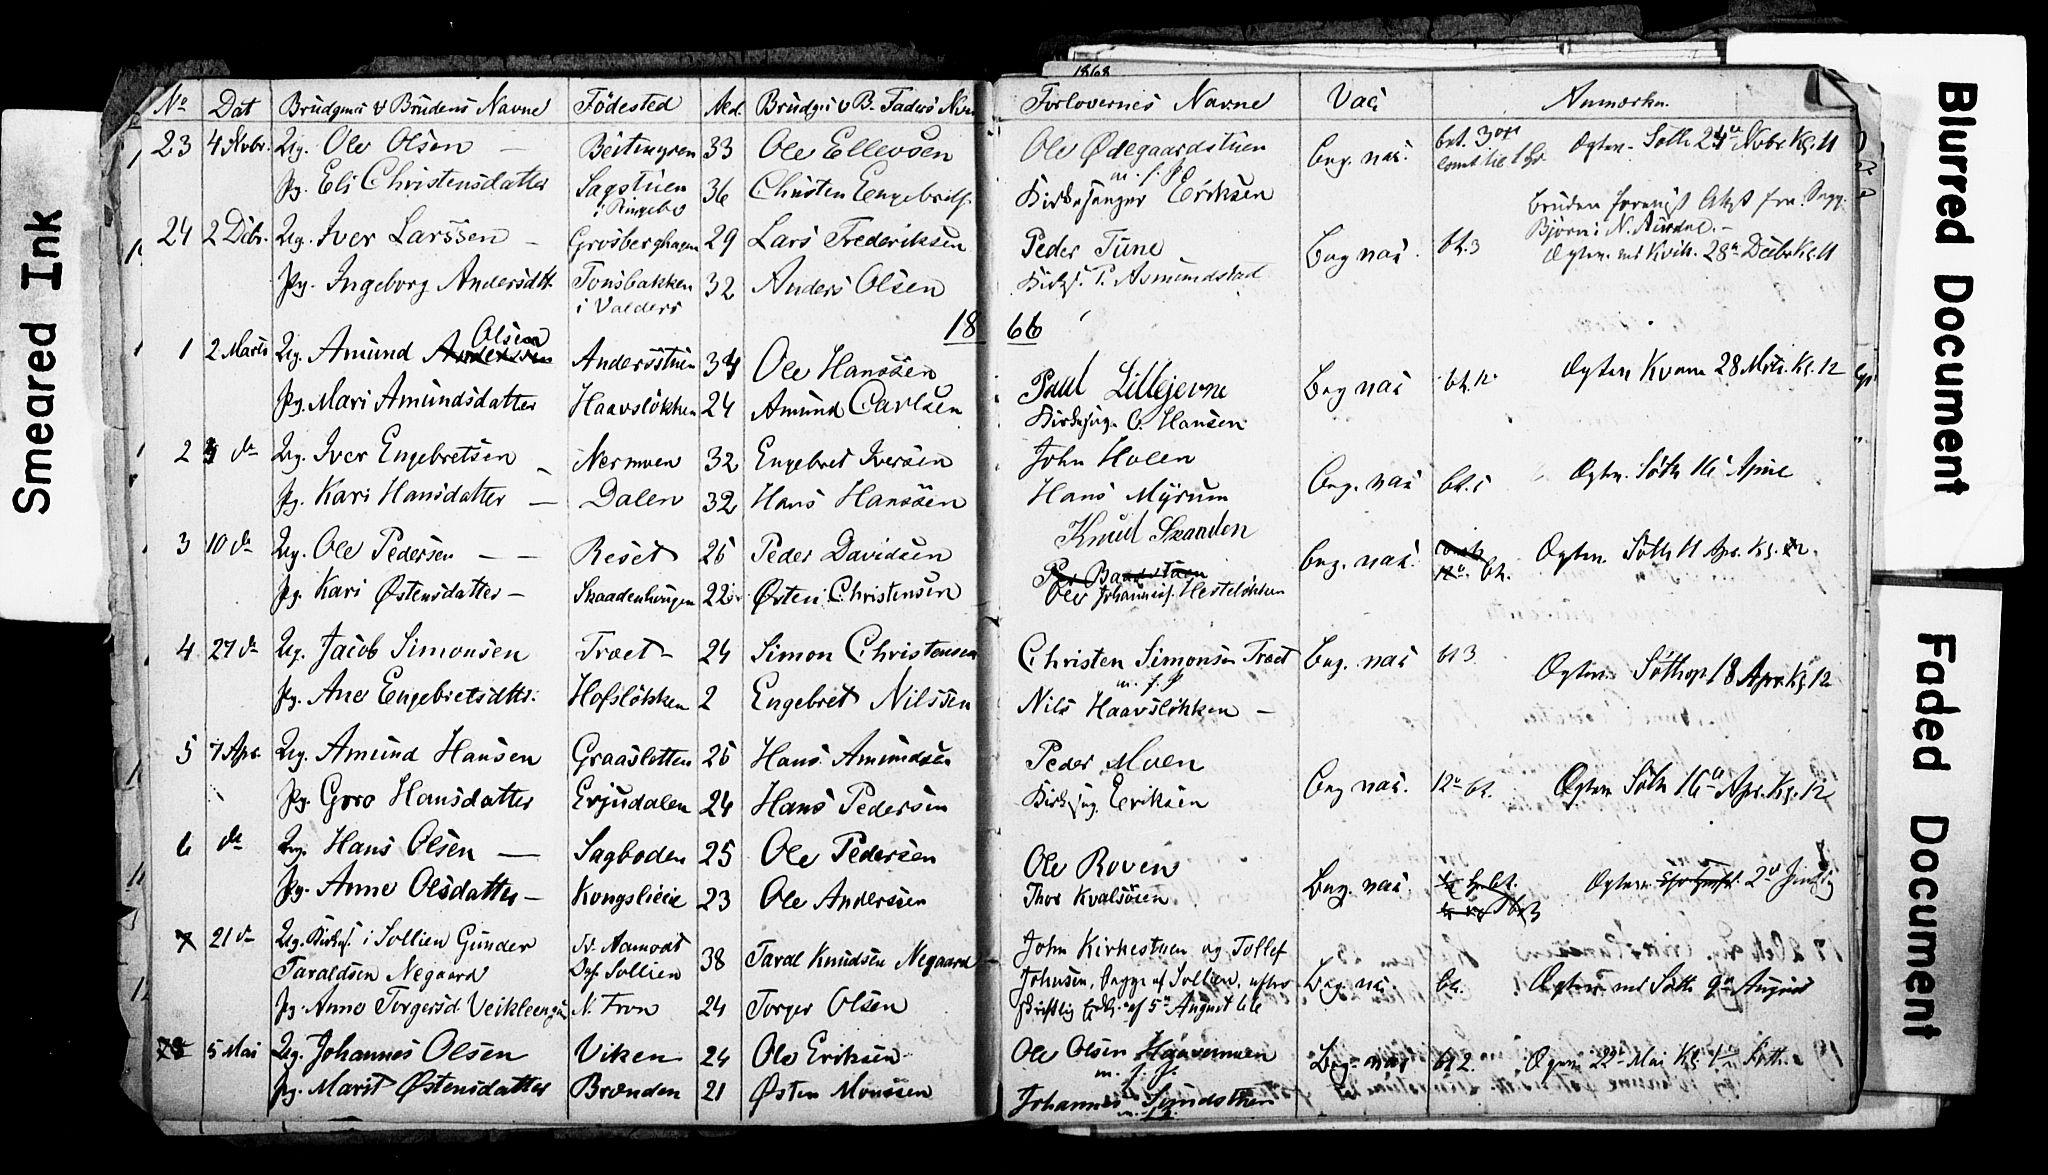 SAH, Nord-Fron prestekontor, Kladd til kirkebok nr. -, 1865-1872